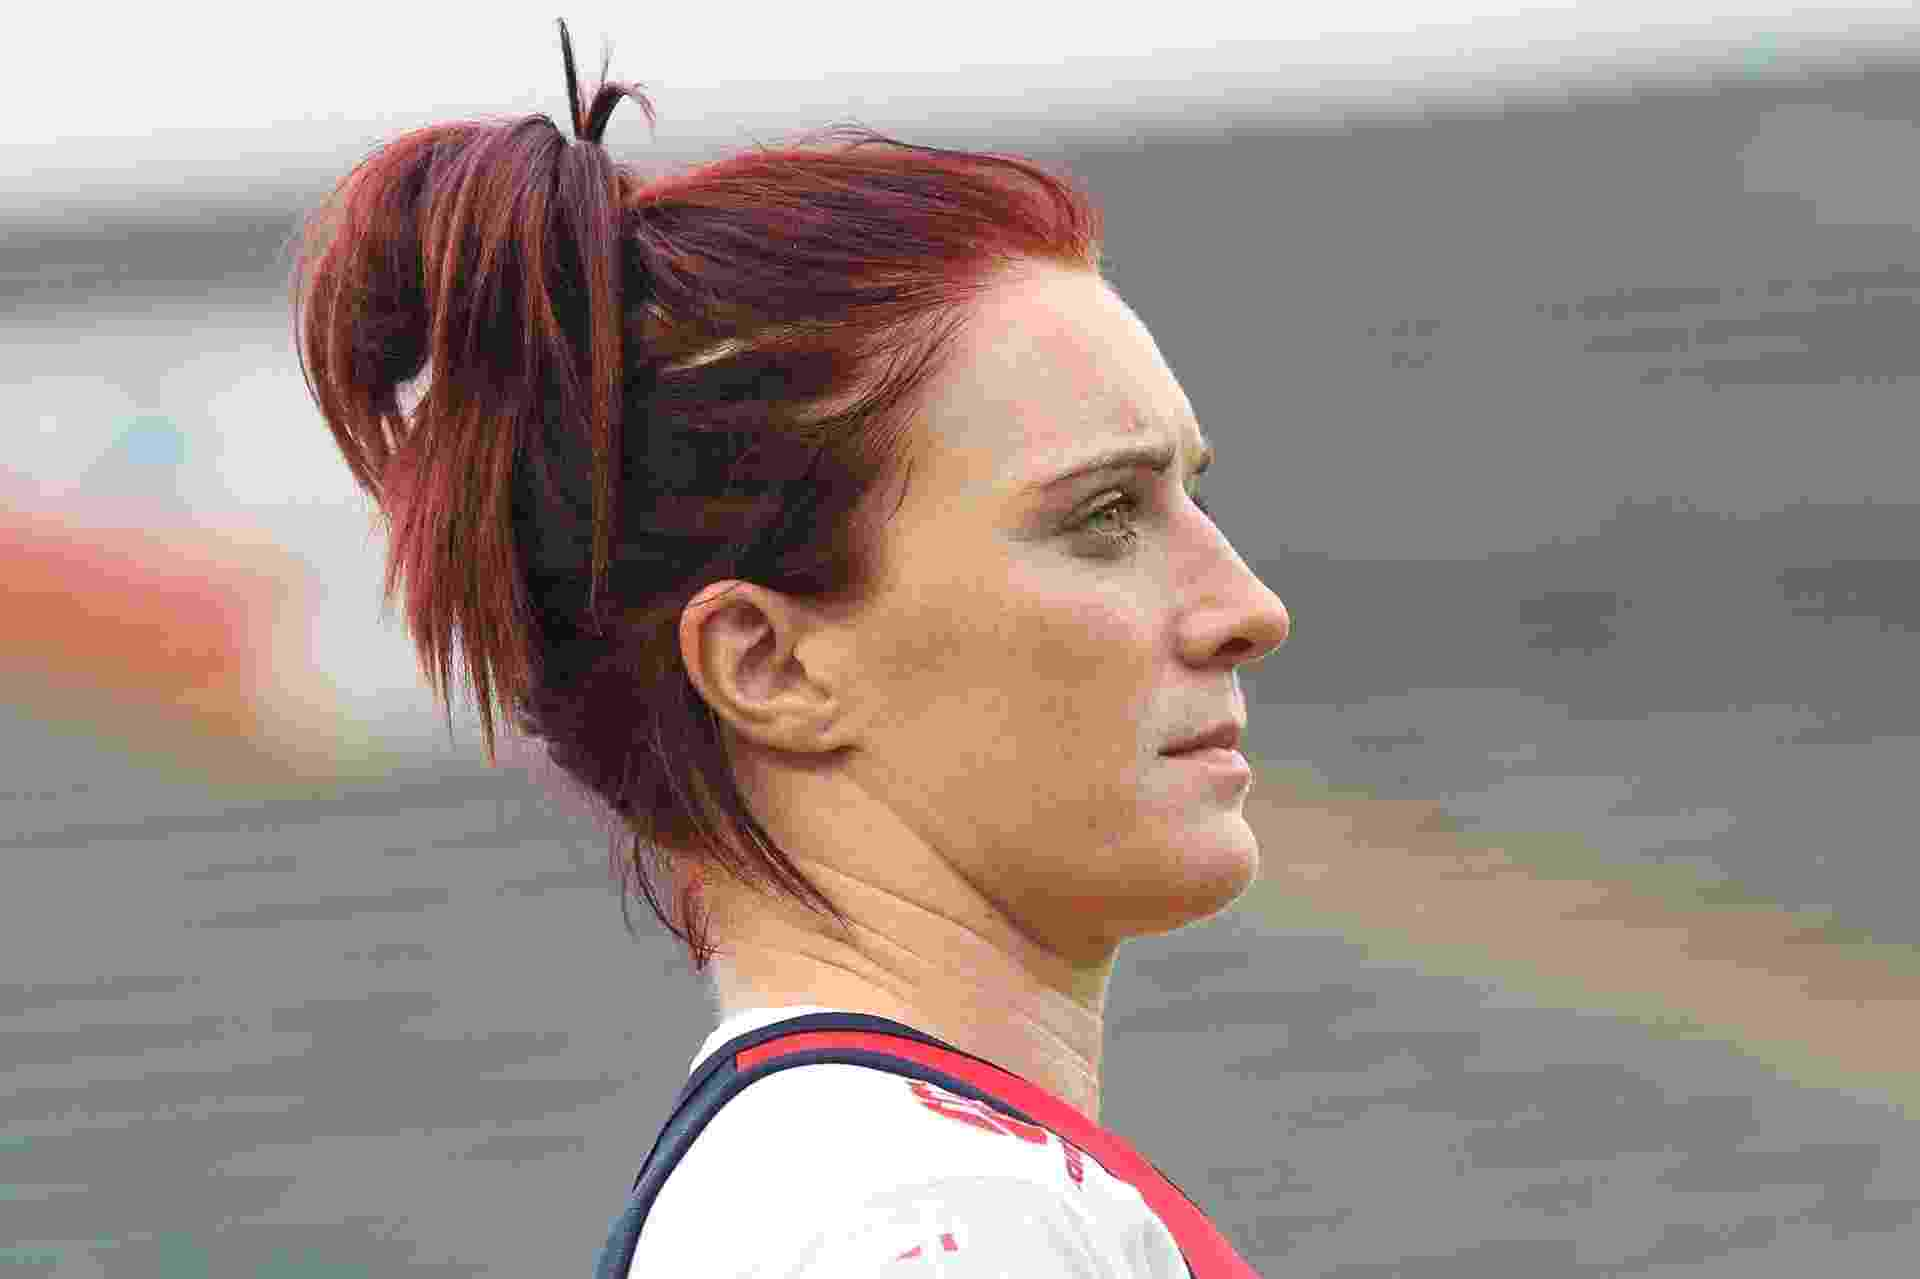 Jogadoras capricham no penteado em etapa de São Paulo do Circuito Mundial de Rúgbi Sete - João Neto/Fotojump